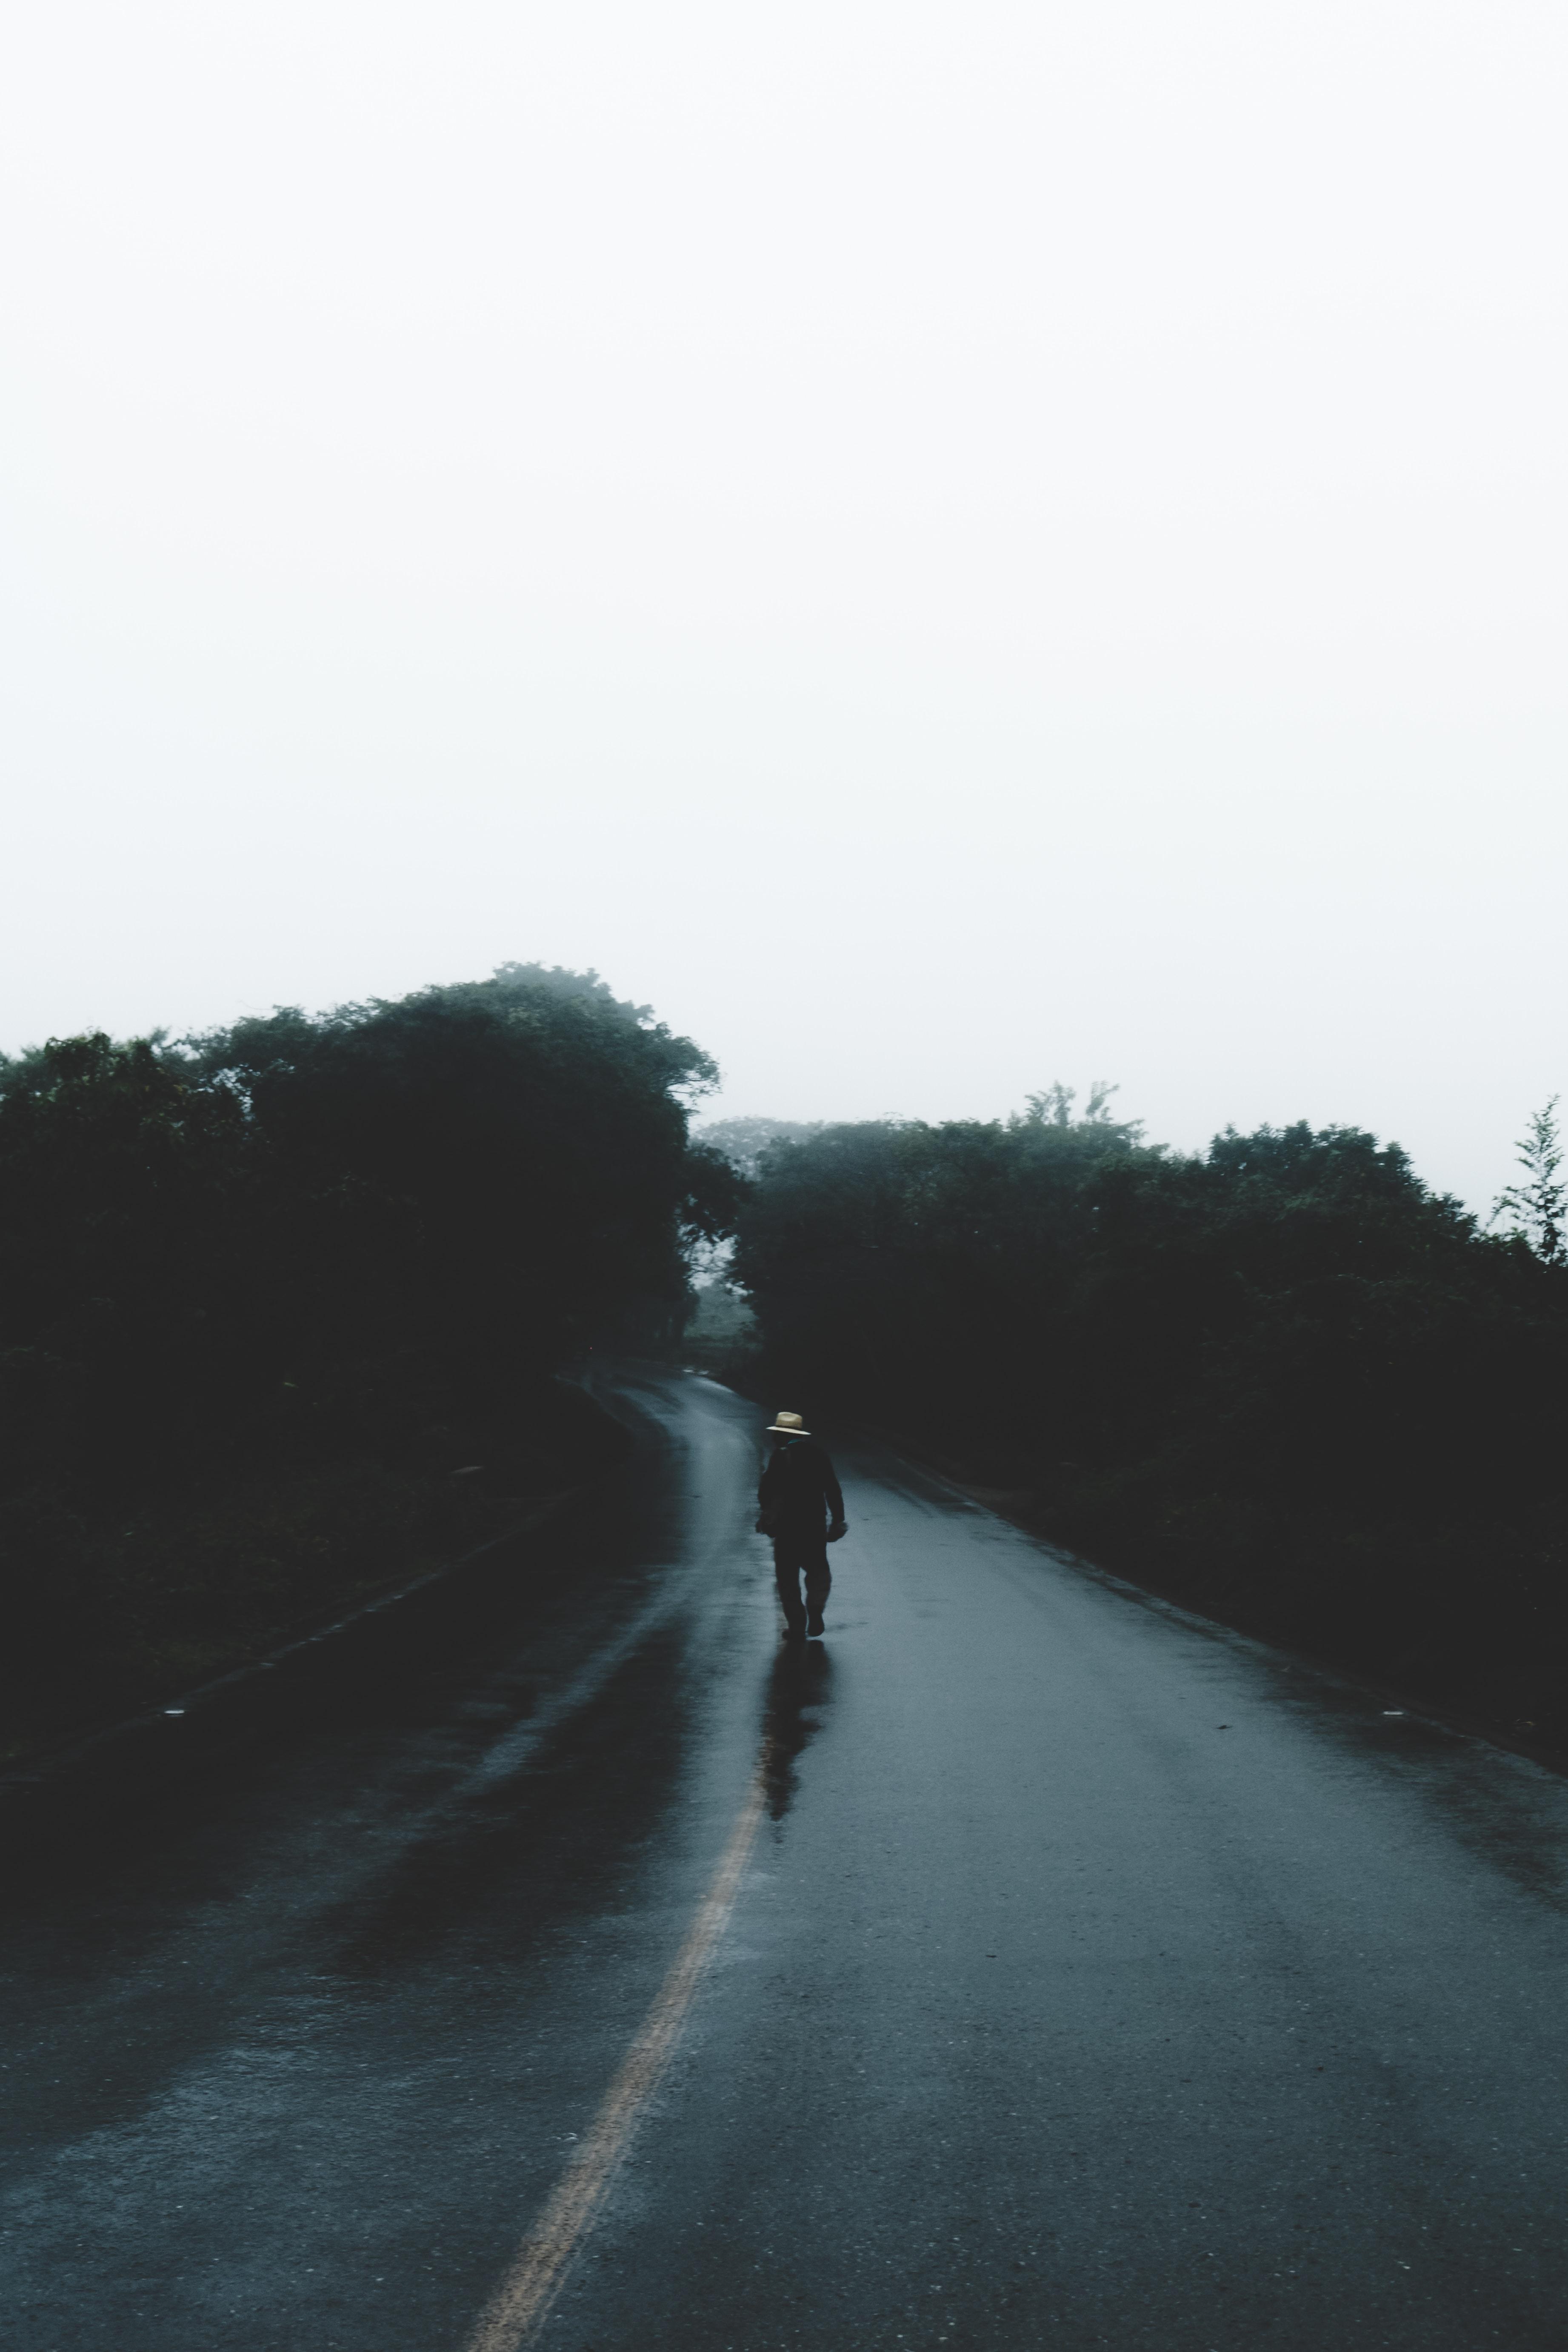 man walking in asphalt road